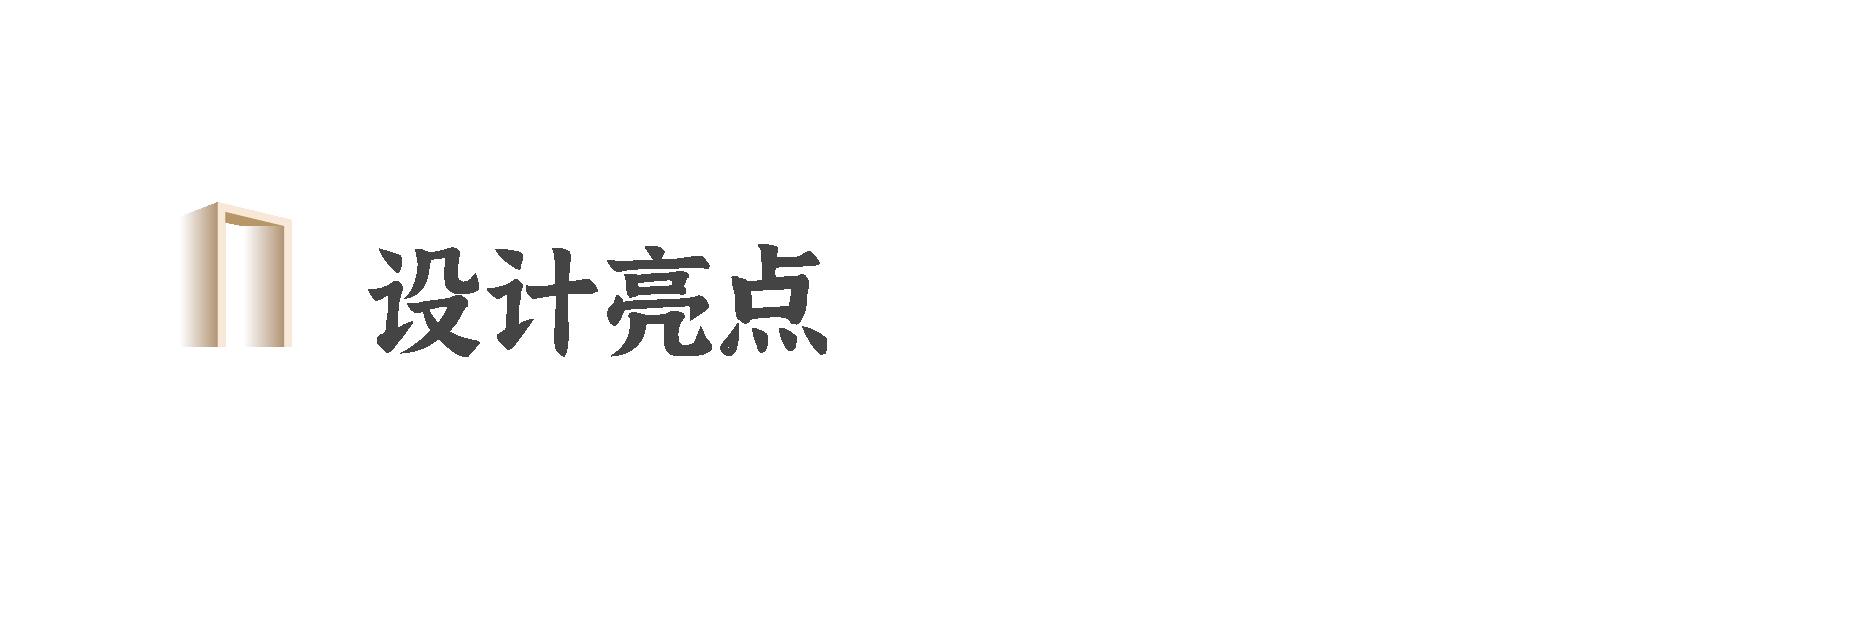 大主题-13.png